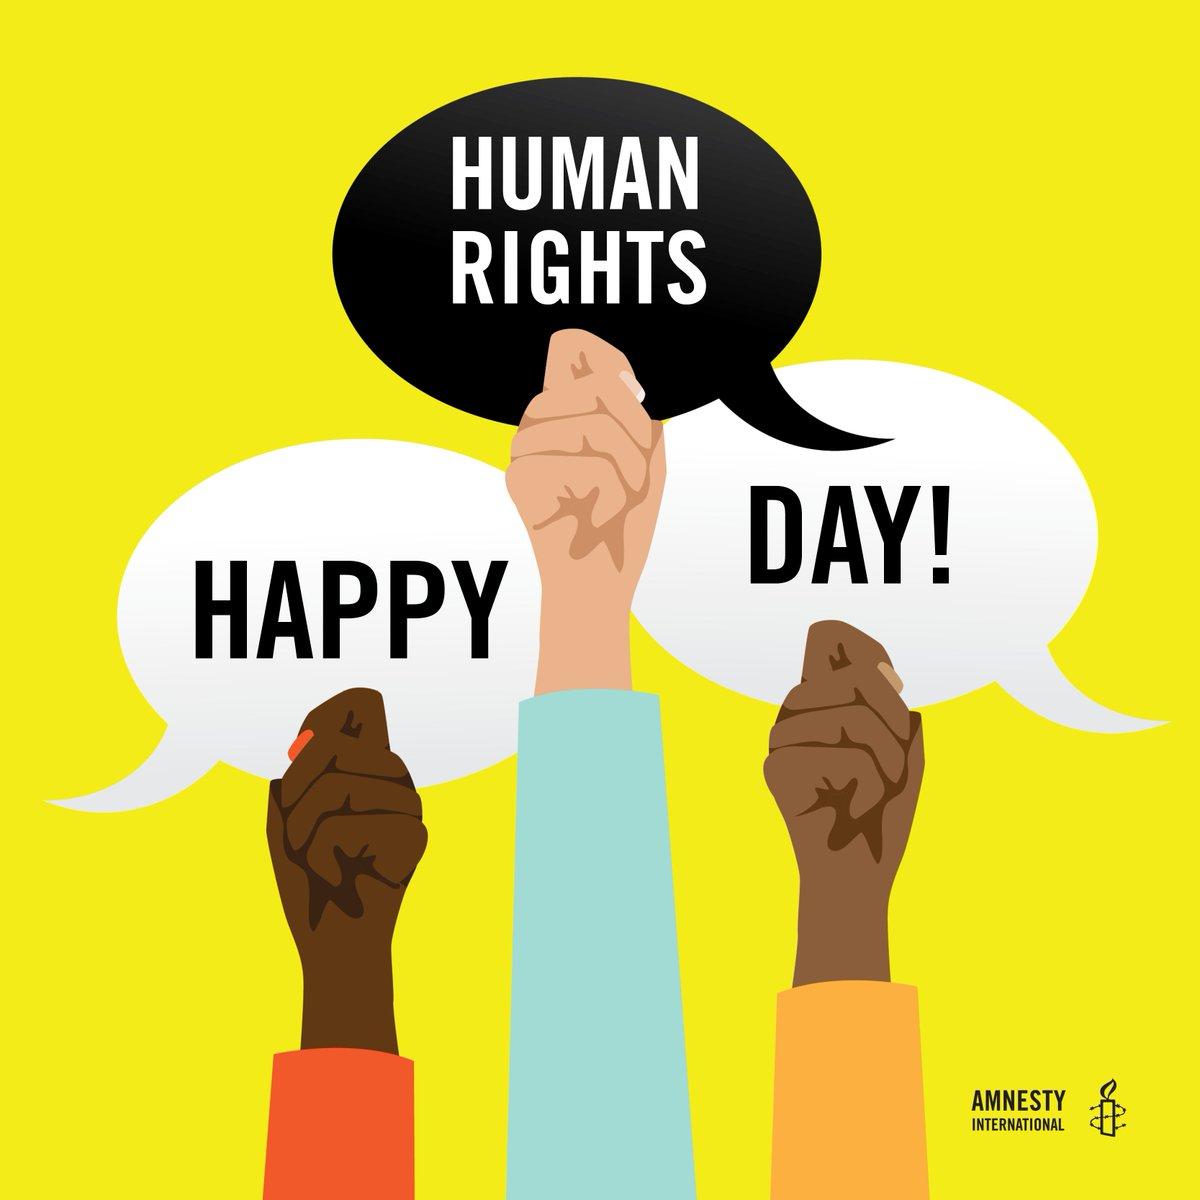 fac human rights groups - HD1200×1200